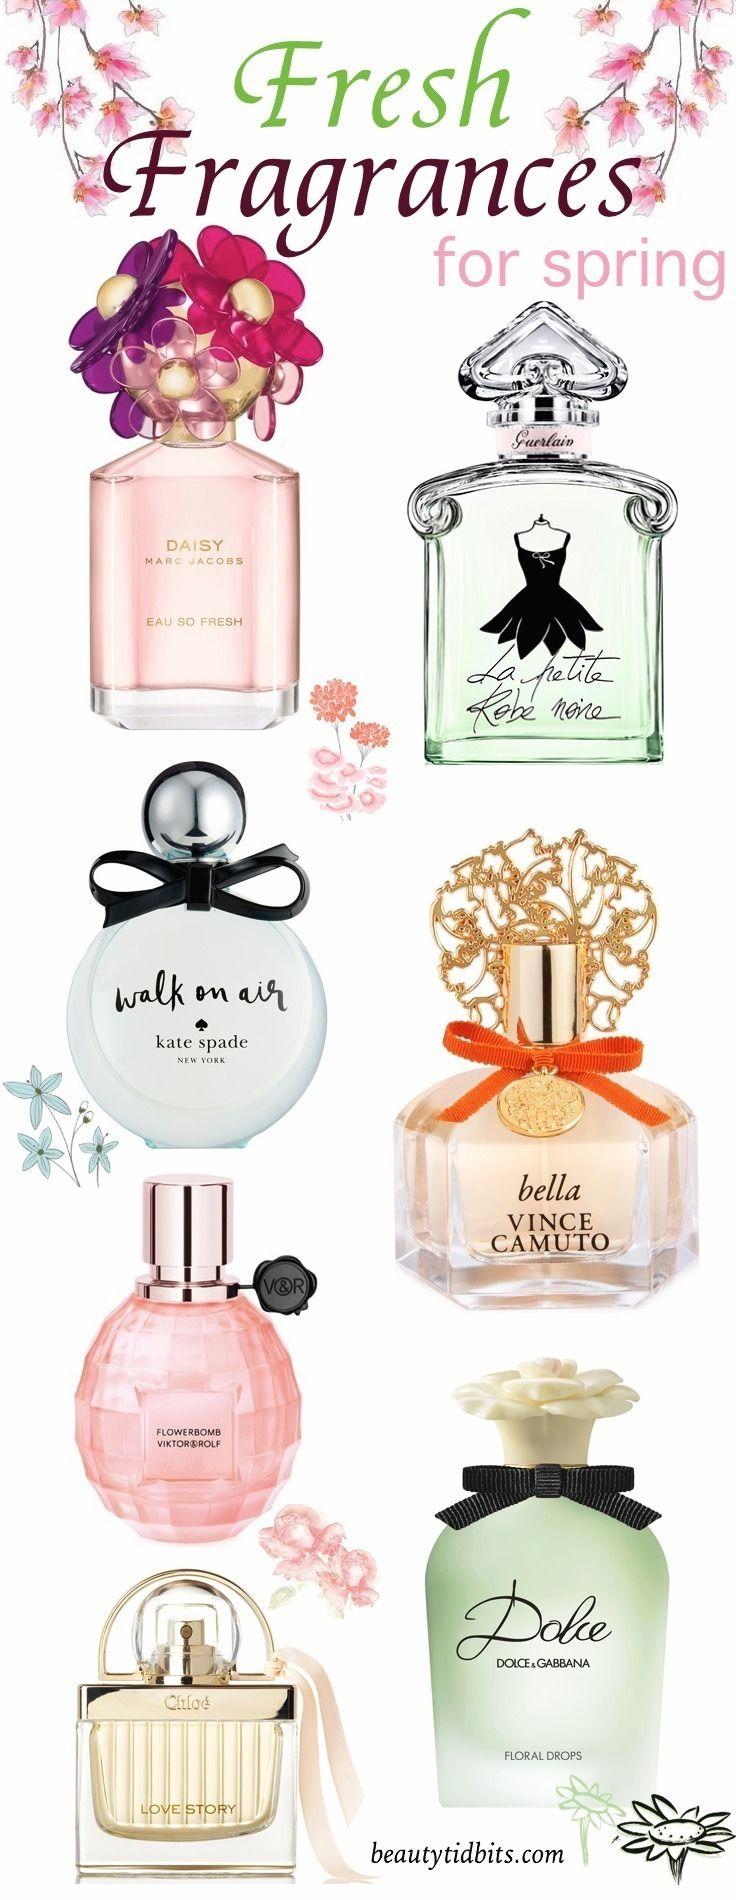 Belle farandole de merveilleux parfums à s'offrir ou mieux se faire offrir